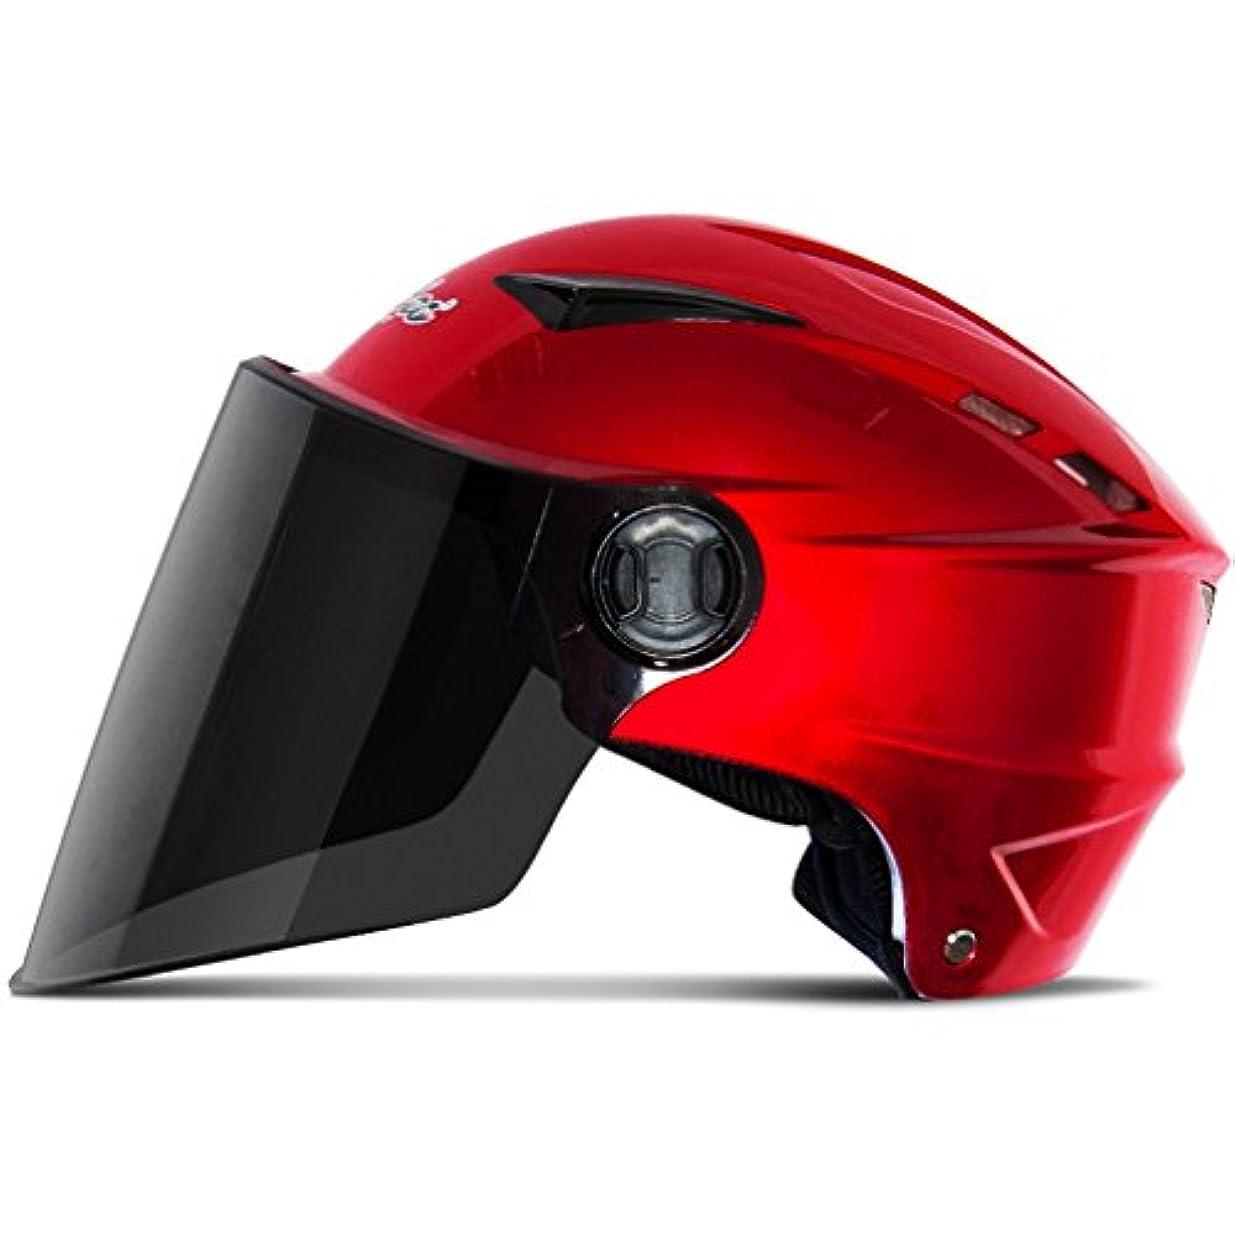 論文手つかずのスペイン語[ドリーマー]バイクヘルメット ジェットヘルメット UVカット加工 シールド付き 最新 軽便 吸汗?通気?速乾性に優れ 男女兼用 スポーツ&アウトドア 夏用